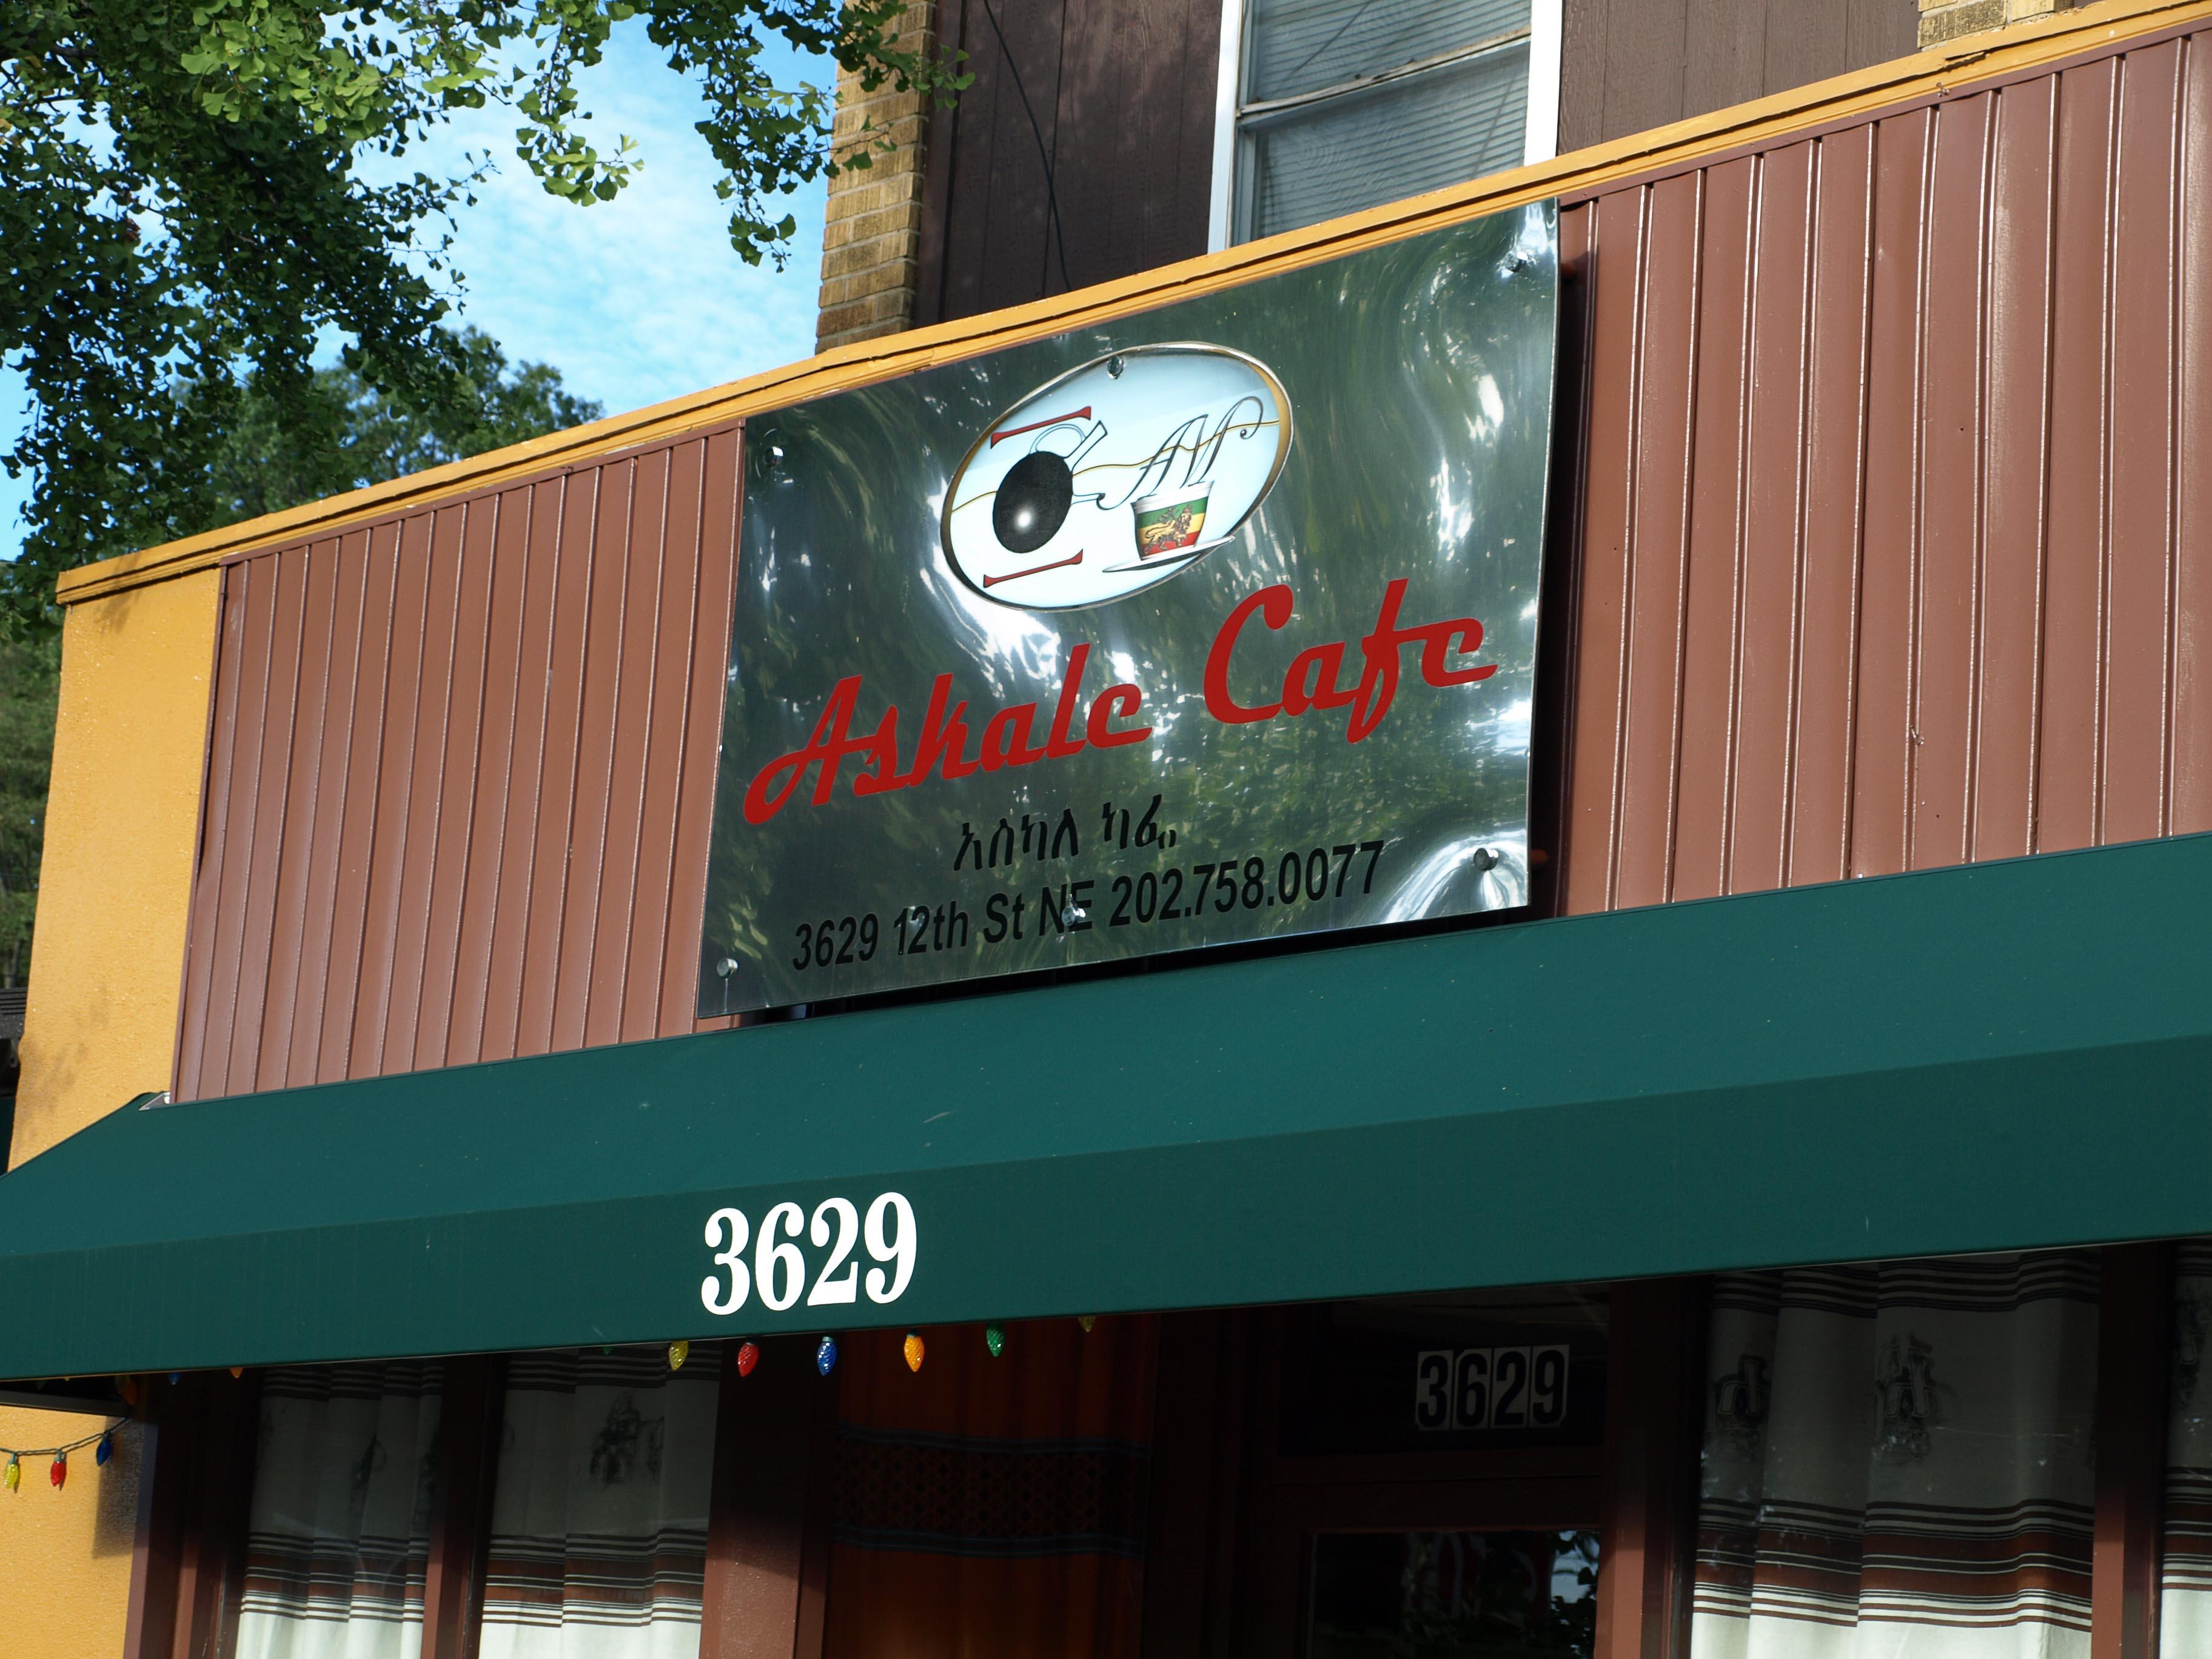 Askale Cafe